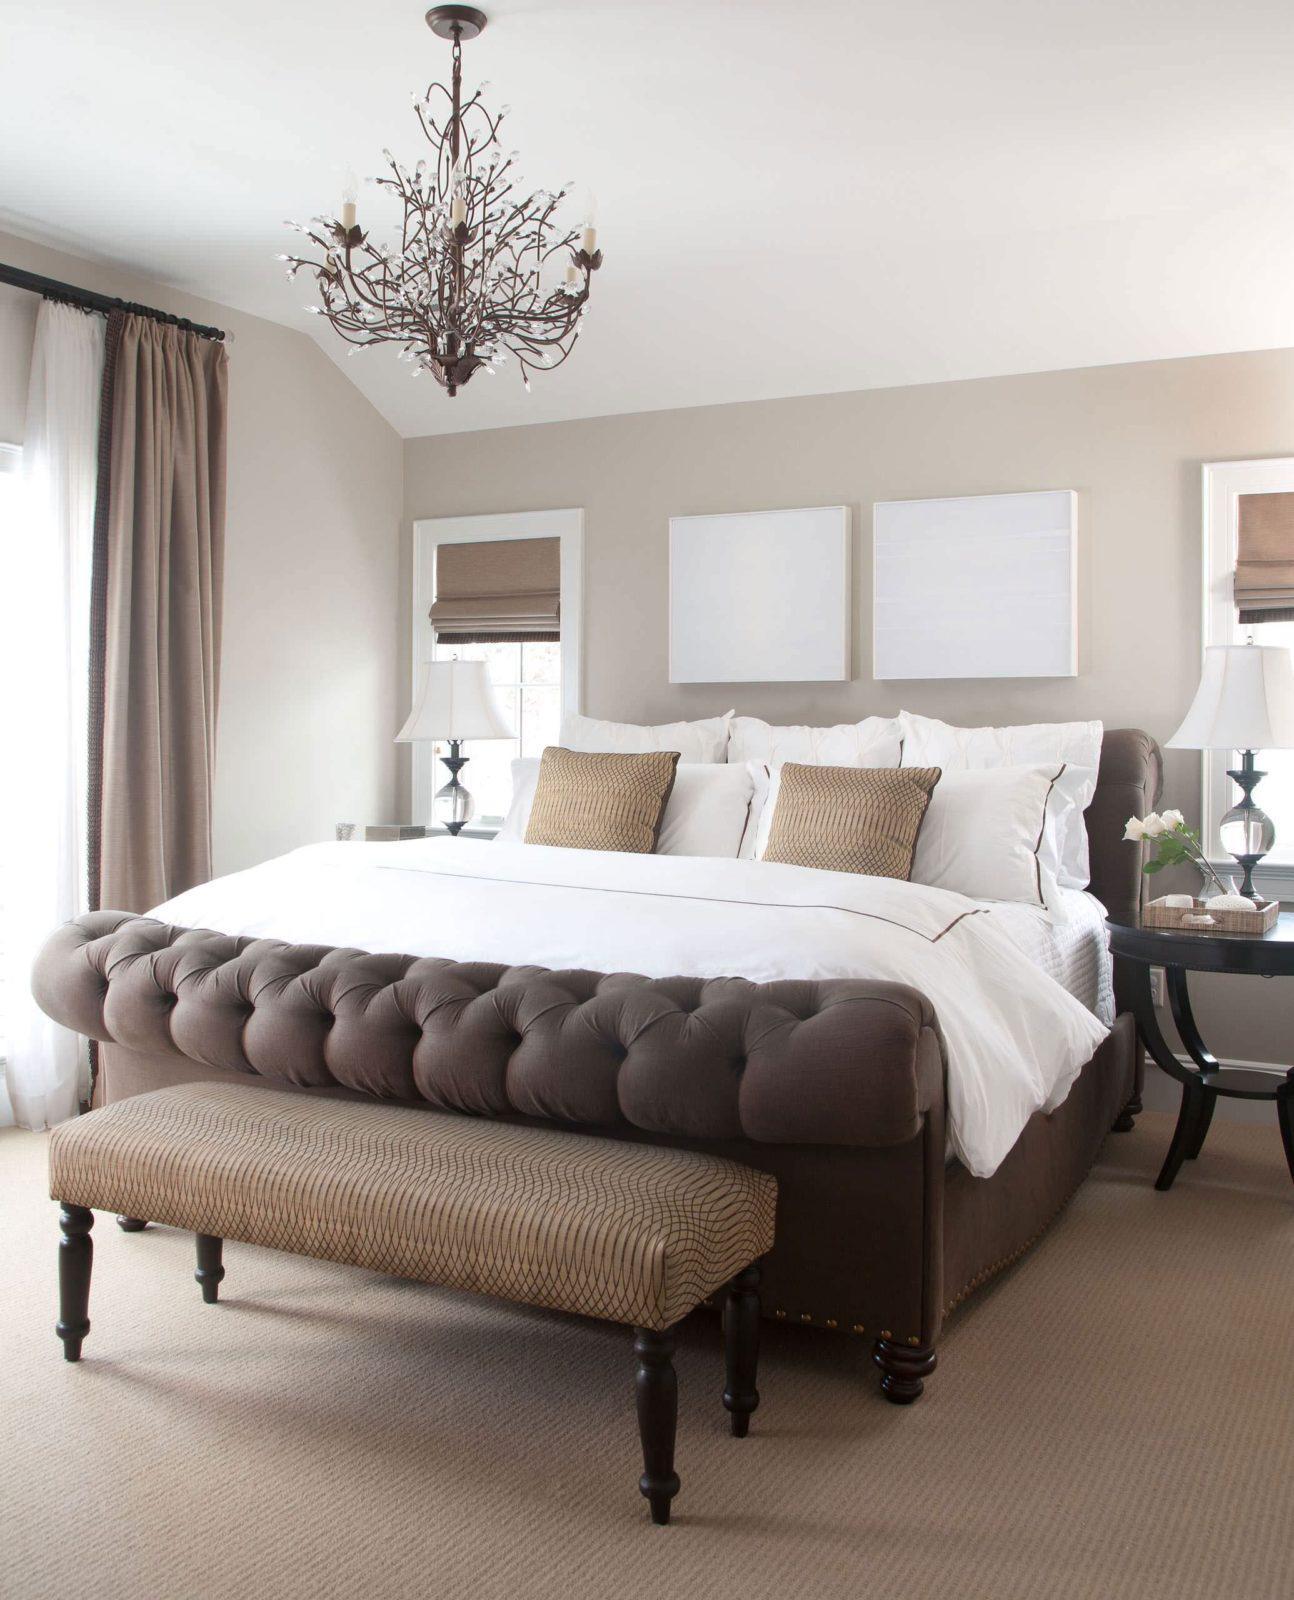 Люстры для спальни: 60 моделей в интерьере 38 | Дока-Мастер